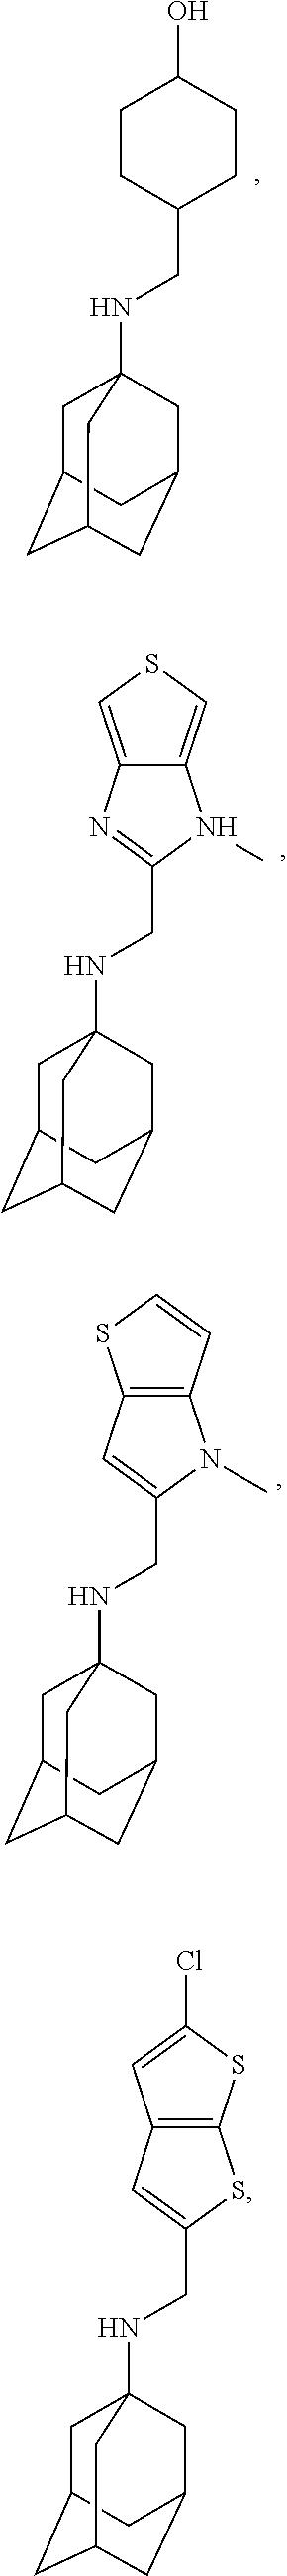 Figure US09884832-20180206-C00167